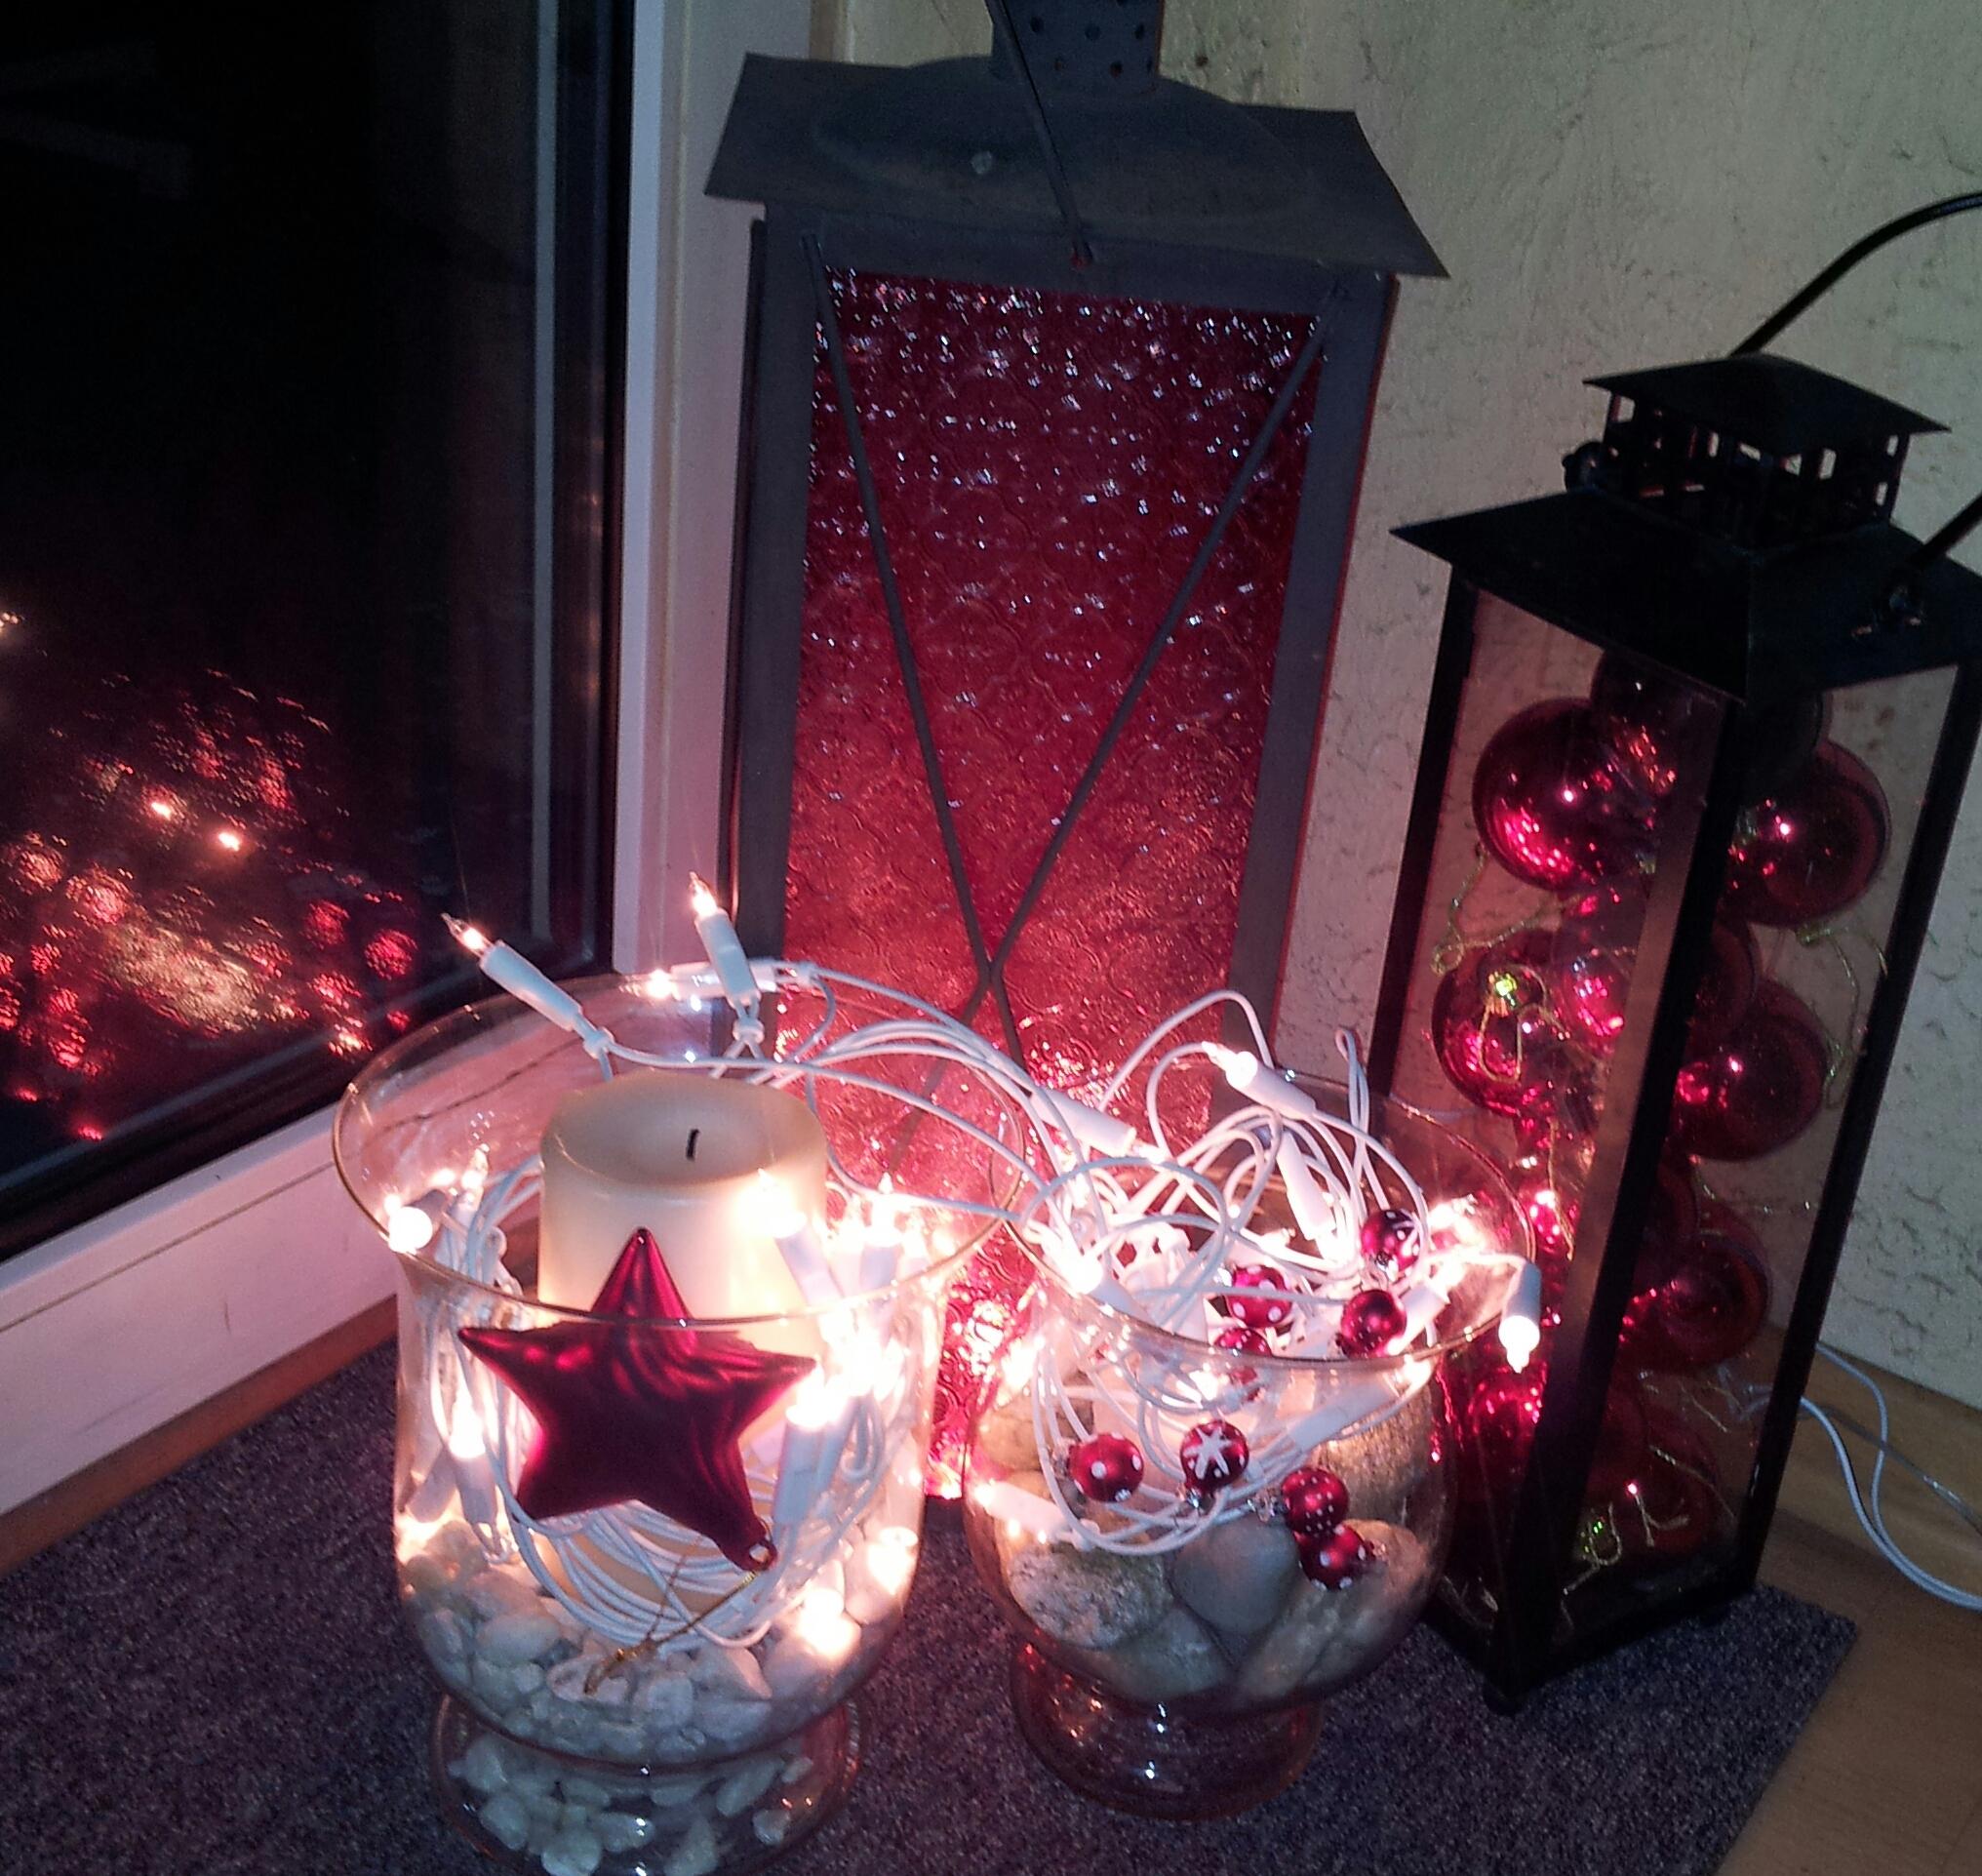 BeraTina GEdanken zum Advent und dem Ankommen in einer hektischen Vorweihnachtszeit